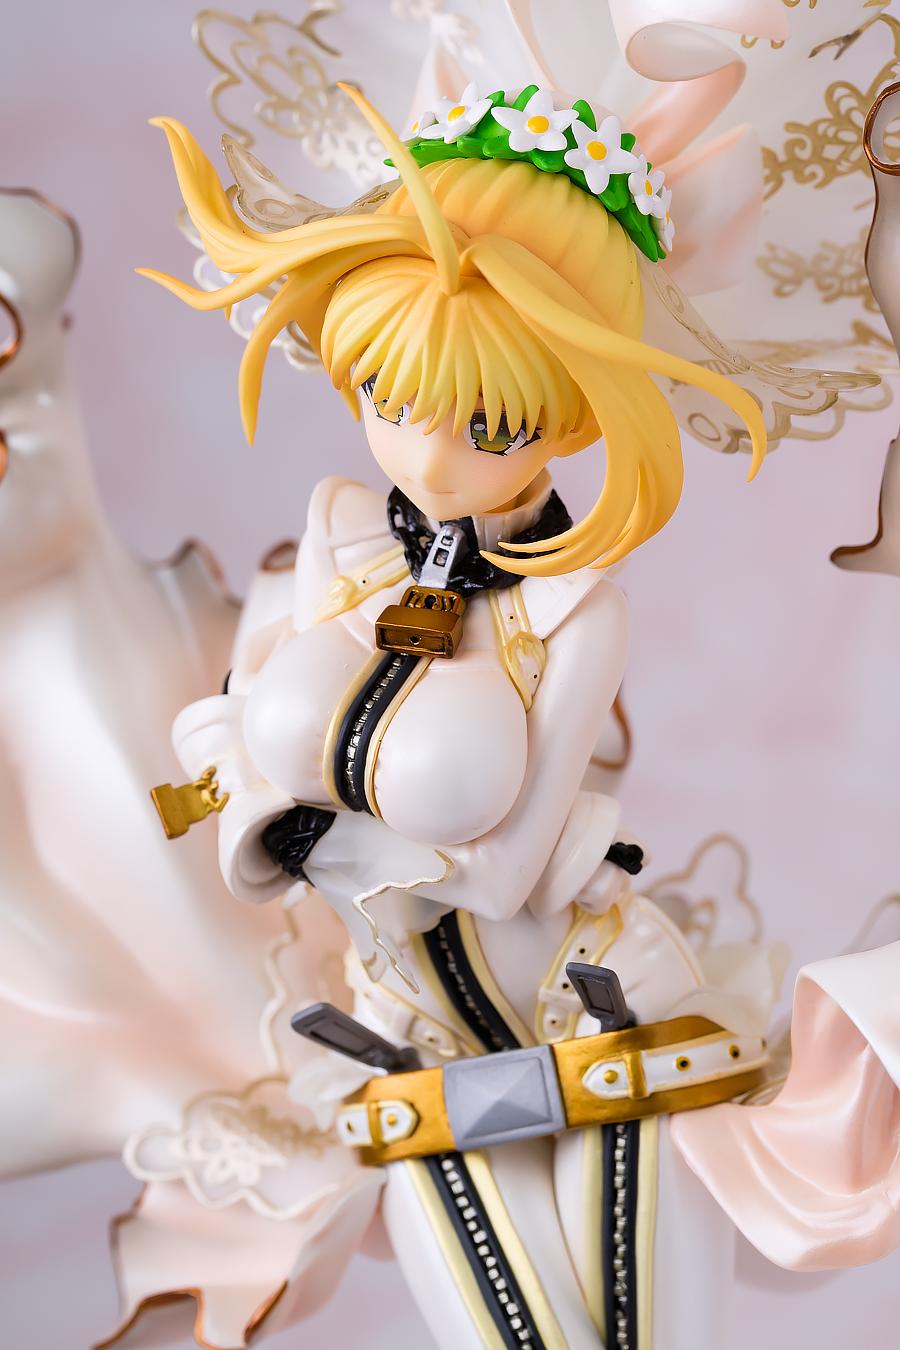 free 6 1 - ホビーマックス「Fate/EXTRA CCC セイバー・ブライド」フィギュアレビュー